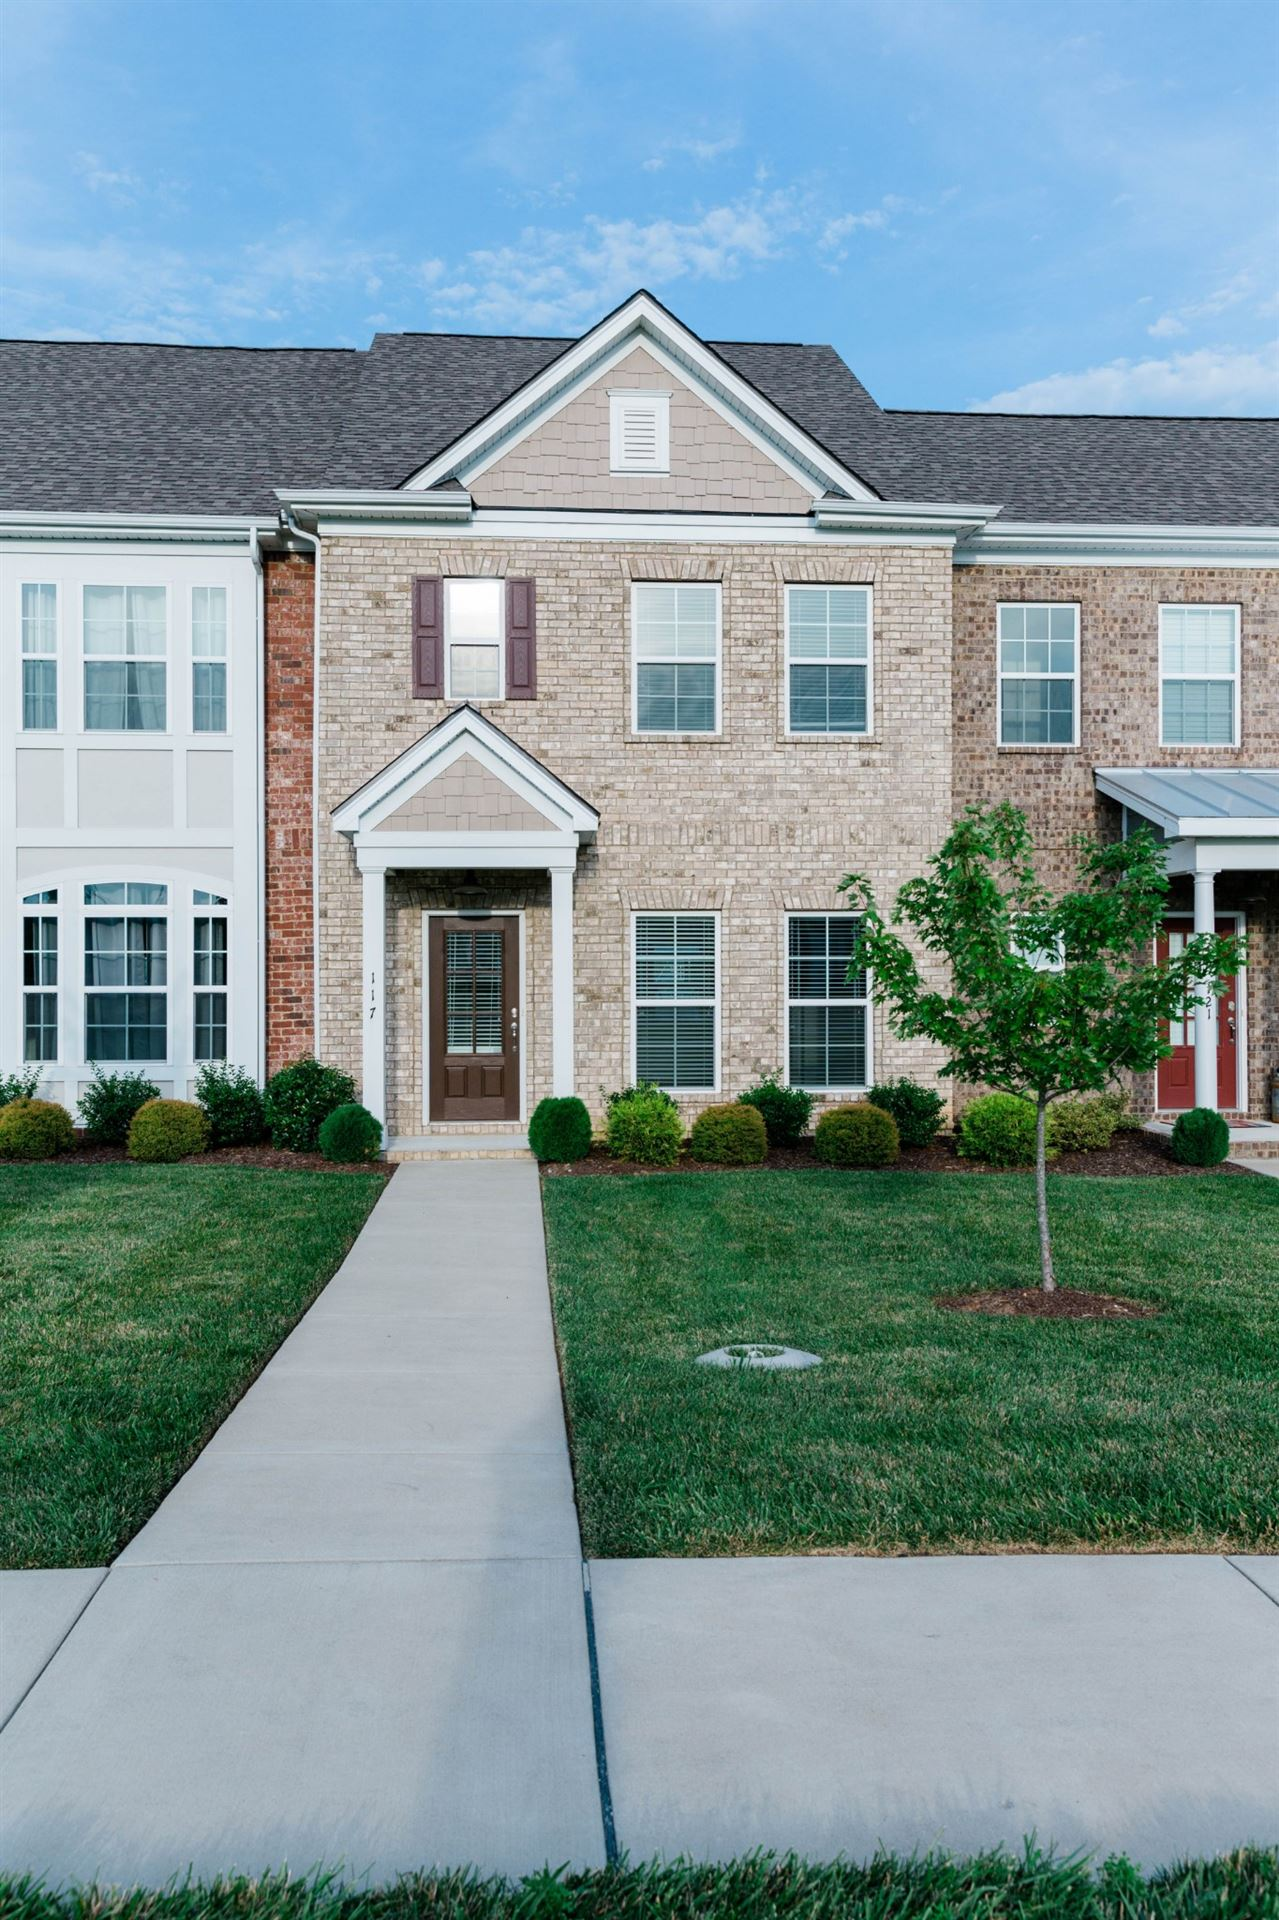 117 Mary Ann Cir, Spring Hill, TN 37174 - MLS#: 2170977